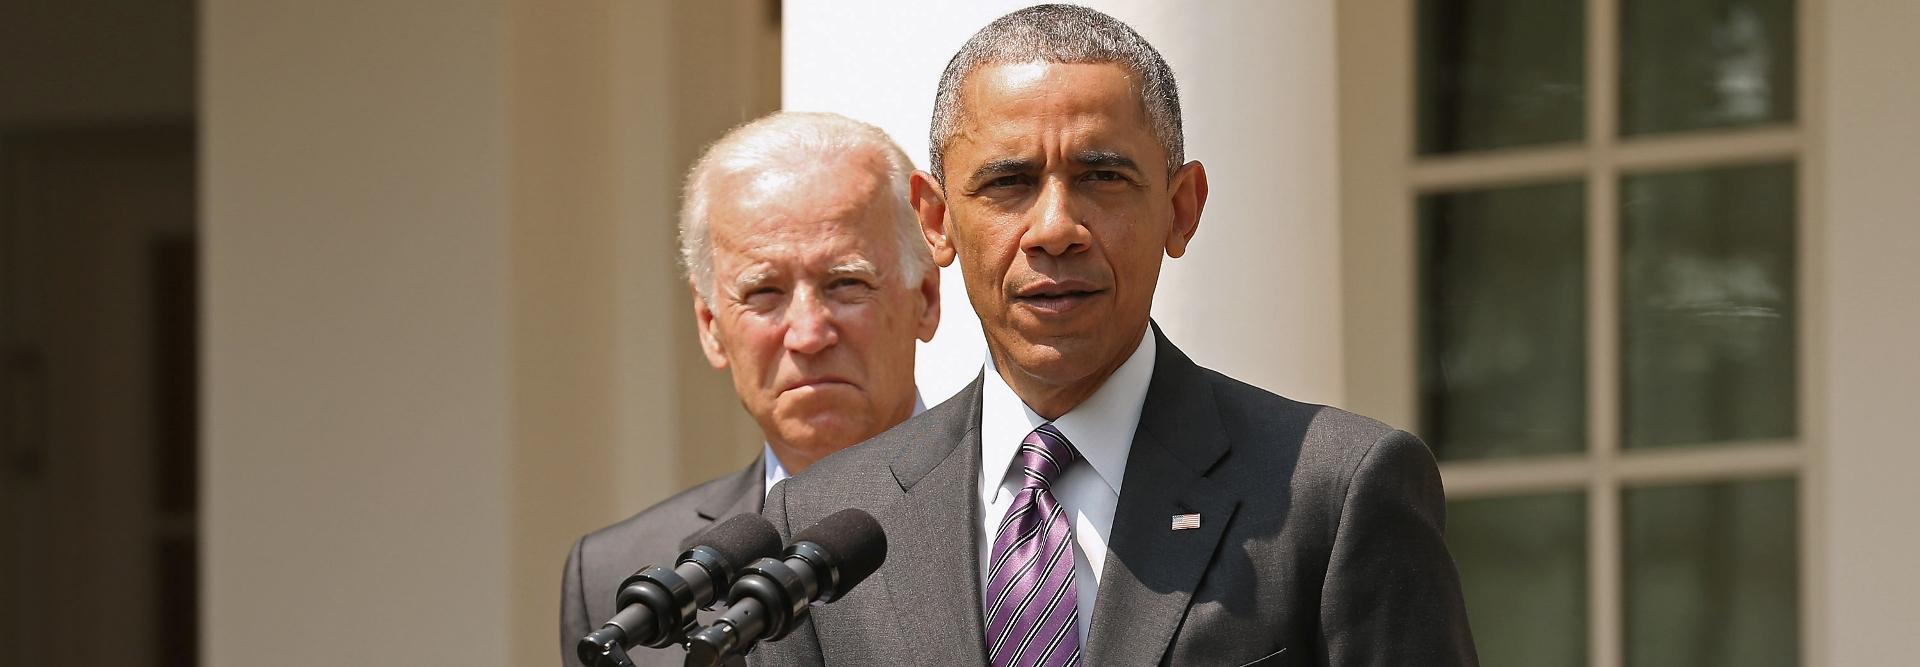 Biden – omiljen među demokratima ali s upitnom potporom za predsjedničku kandidaturu